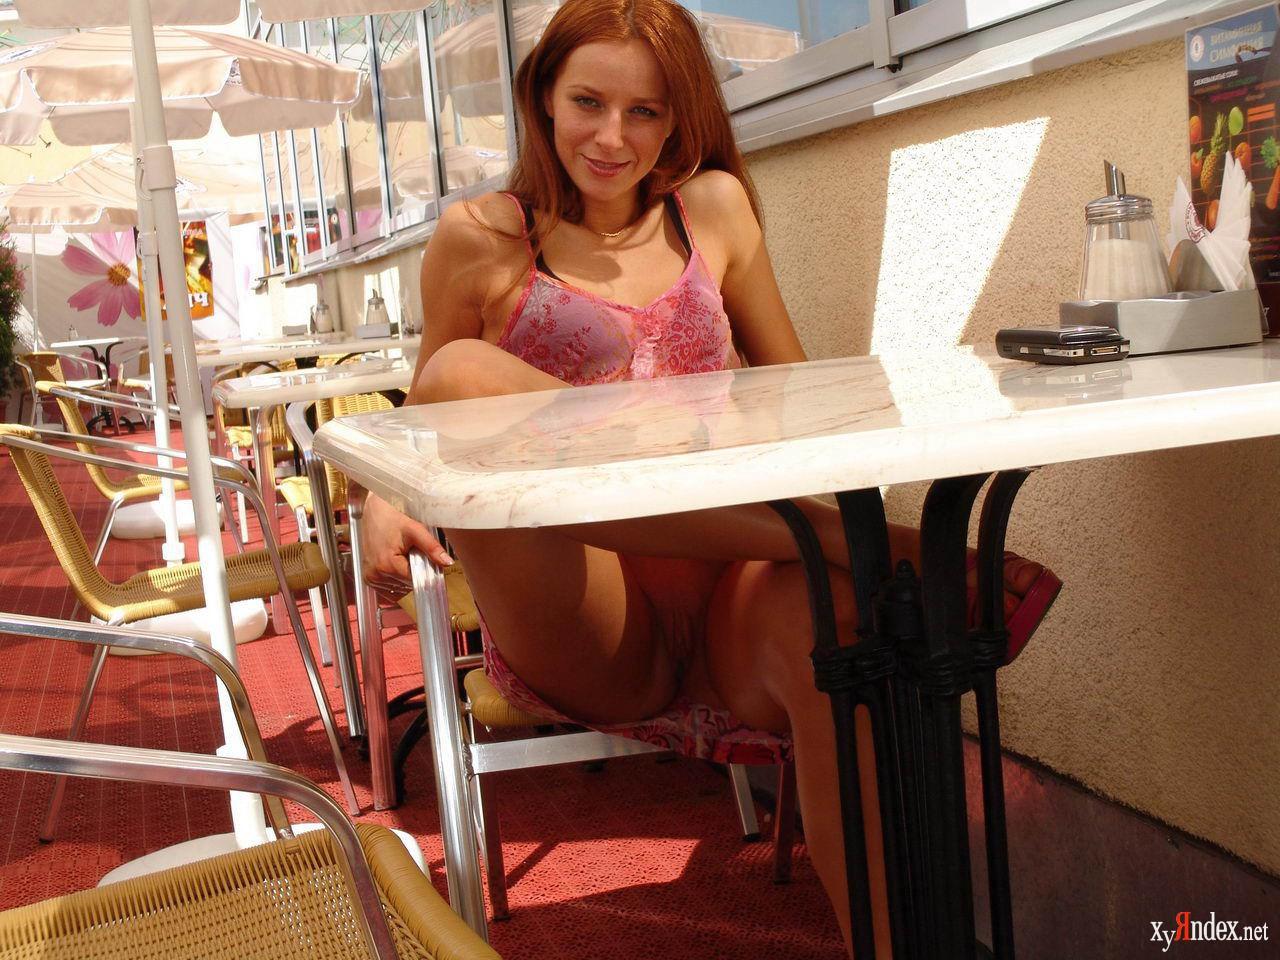 Публичное порно встречи на улице с девушками 15 фотография